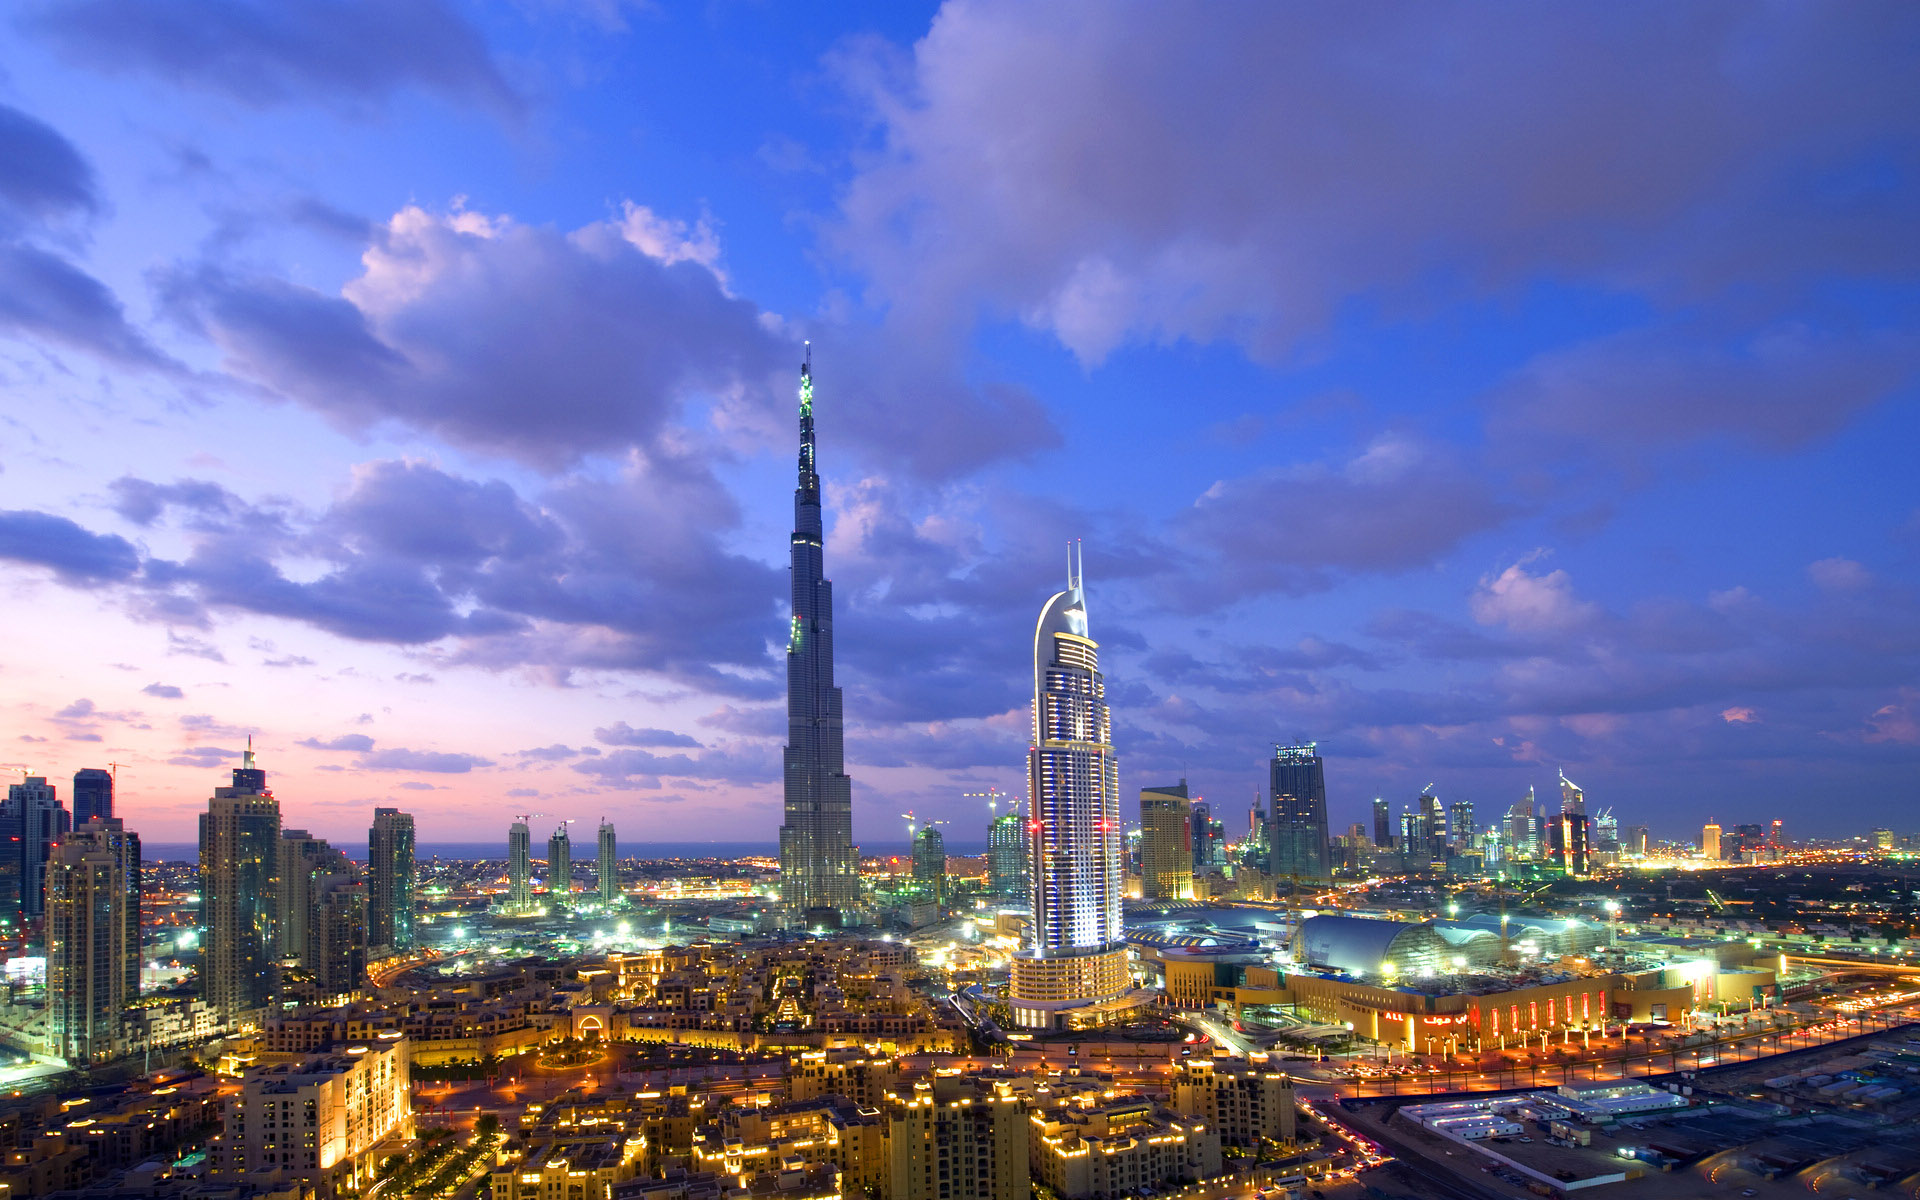 网上奇葩(297)迪拜的神话:达芬奇旋转塔